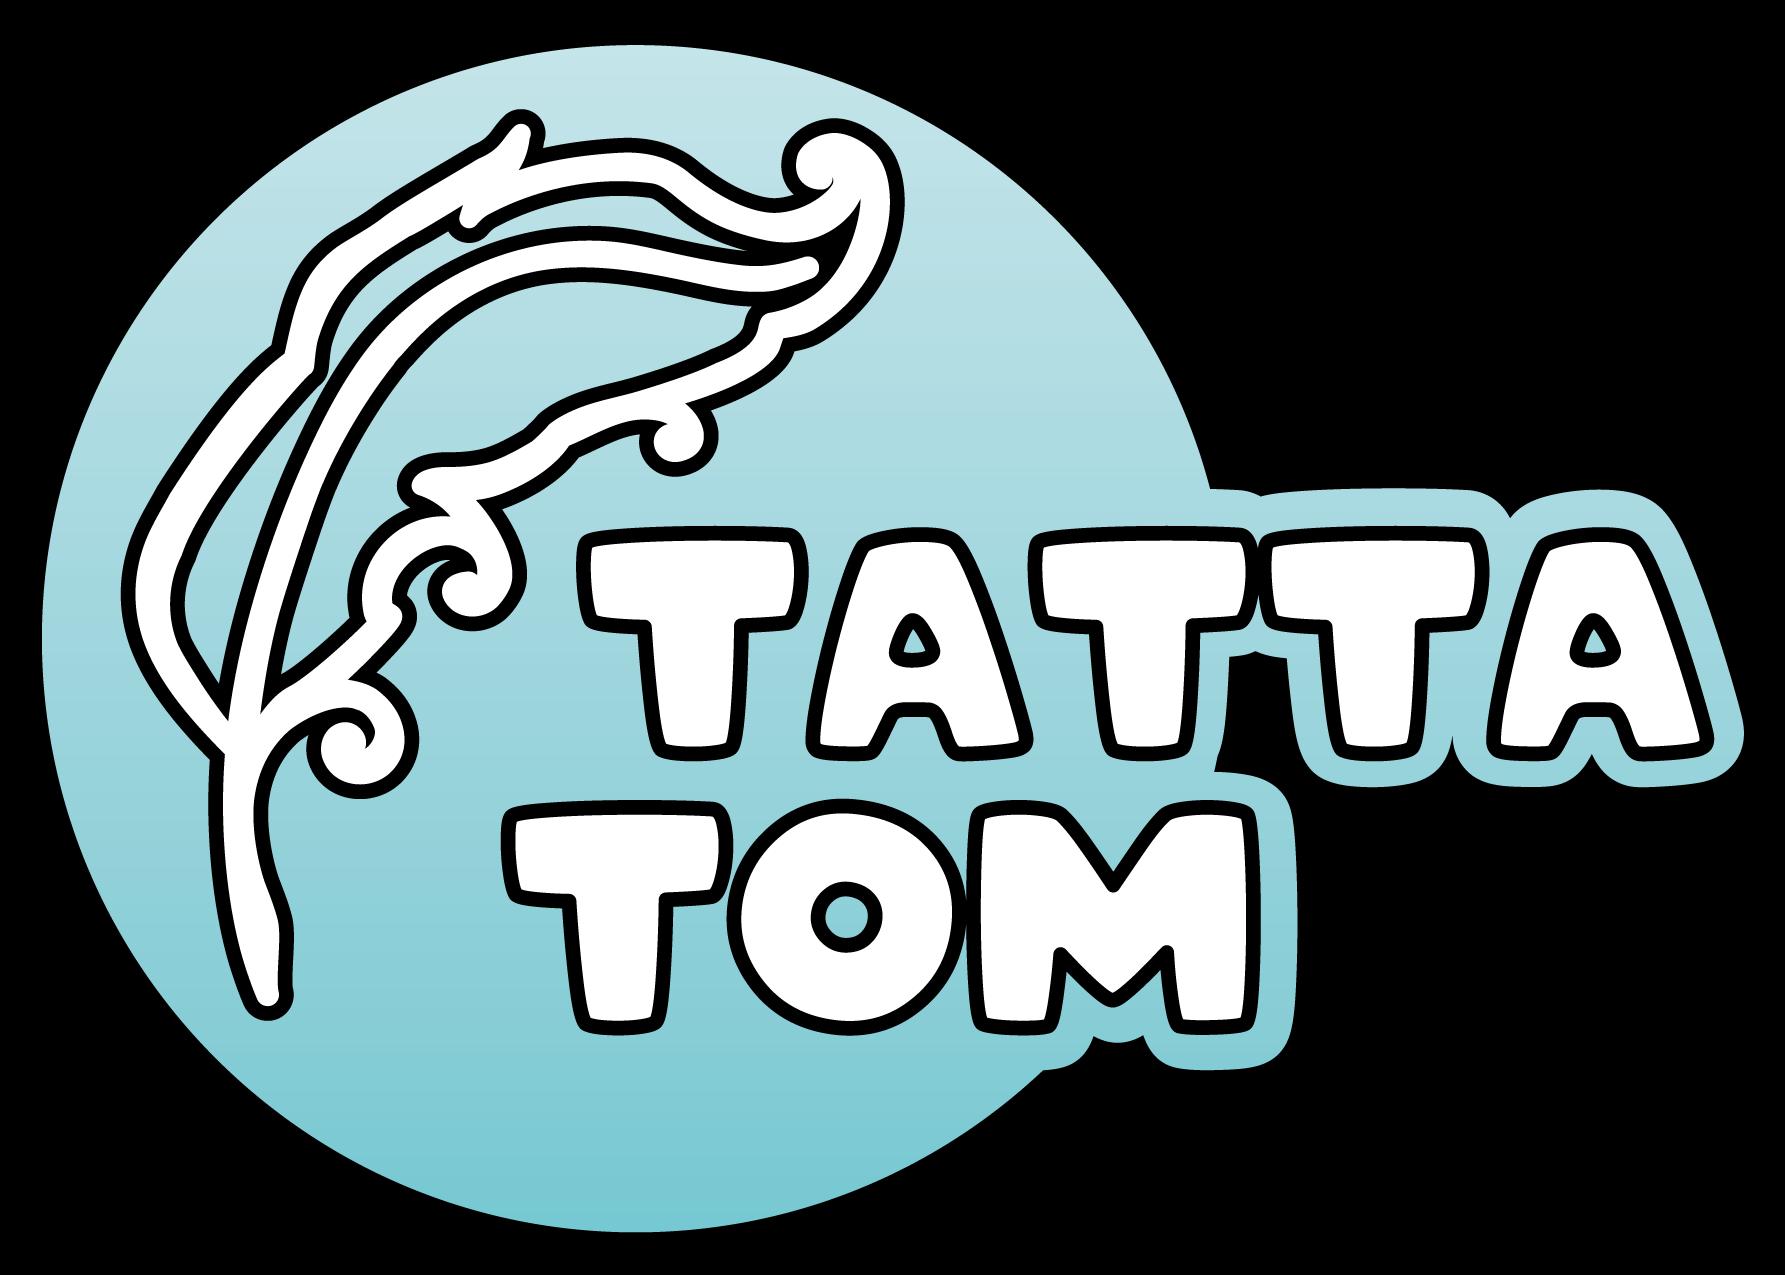 Tatta Tom